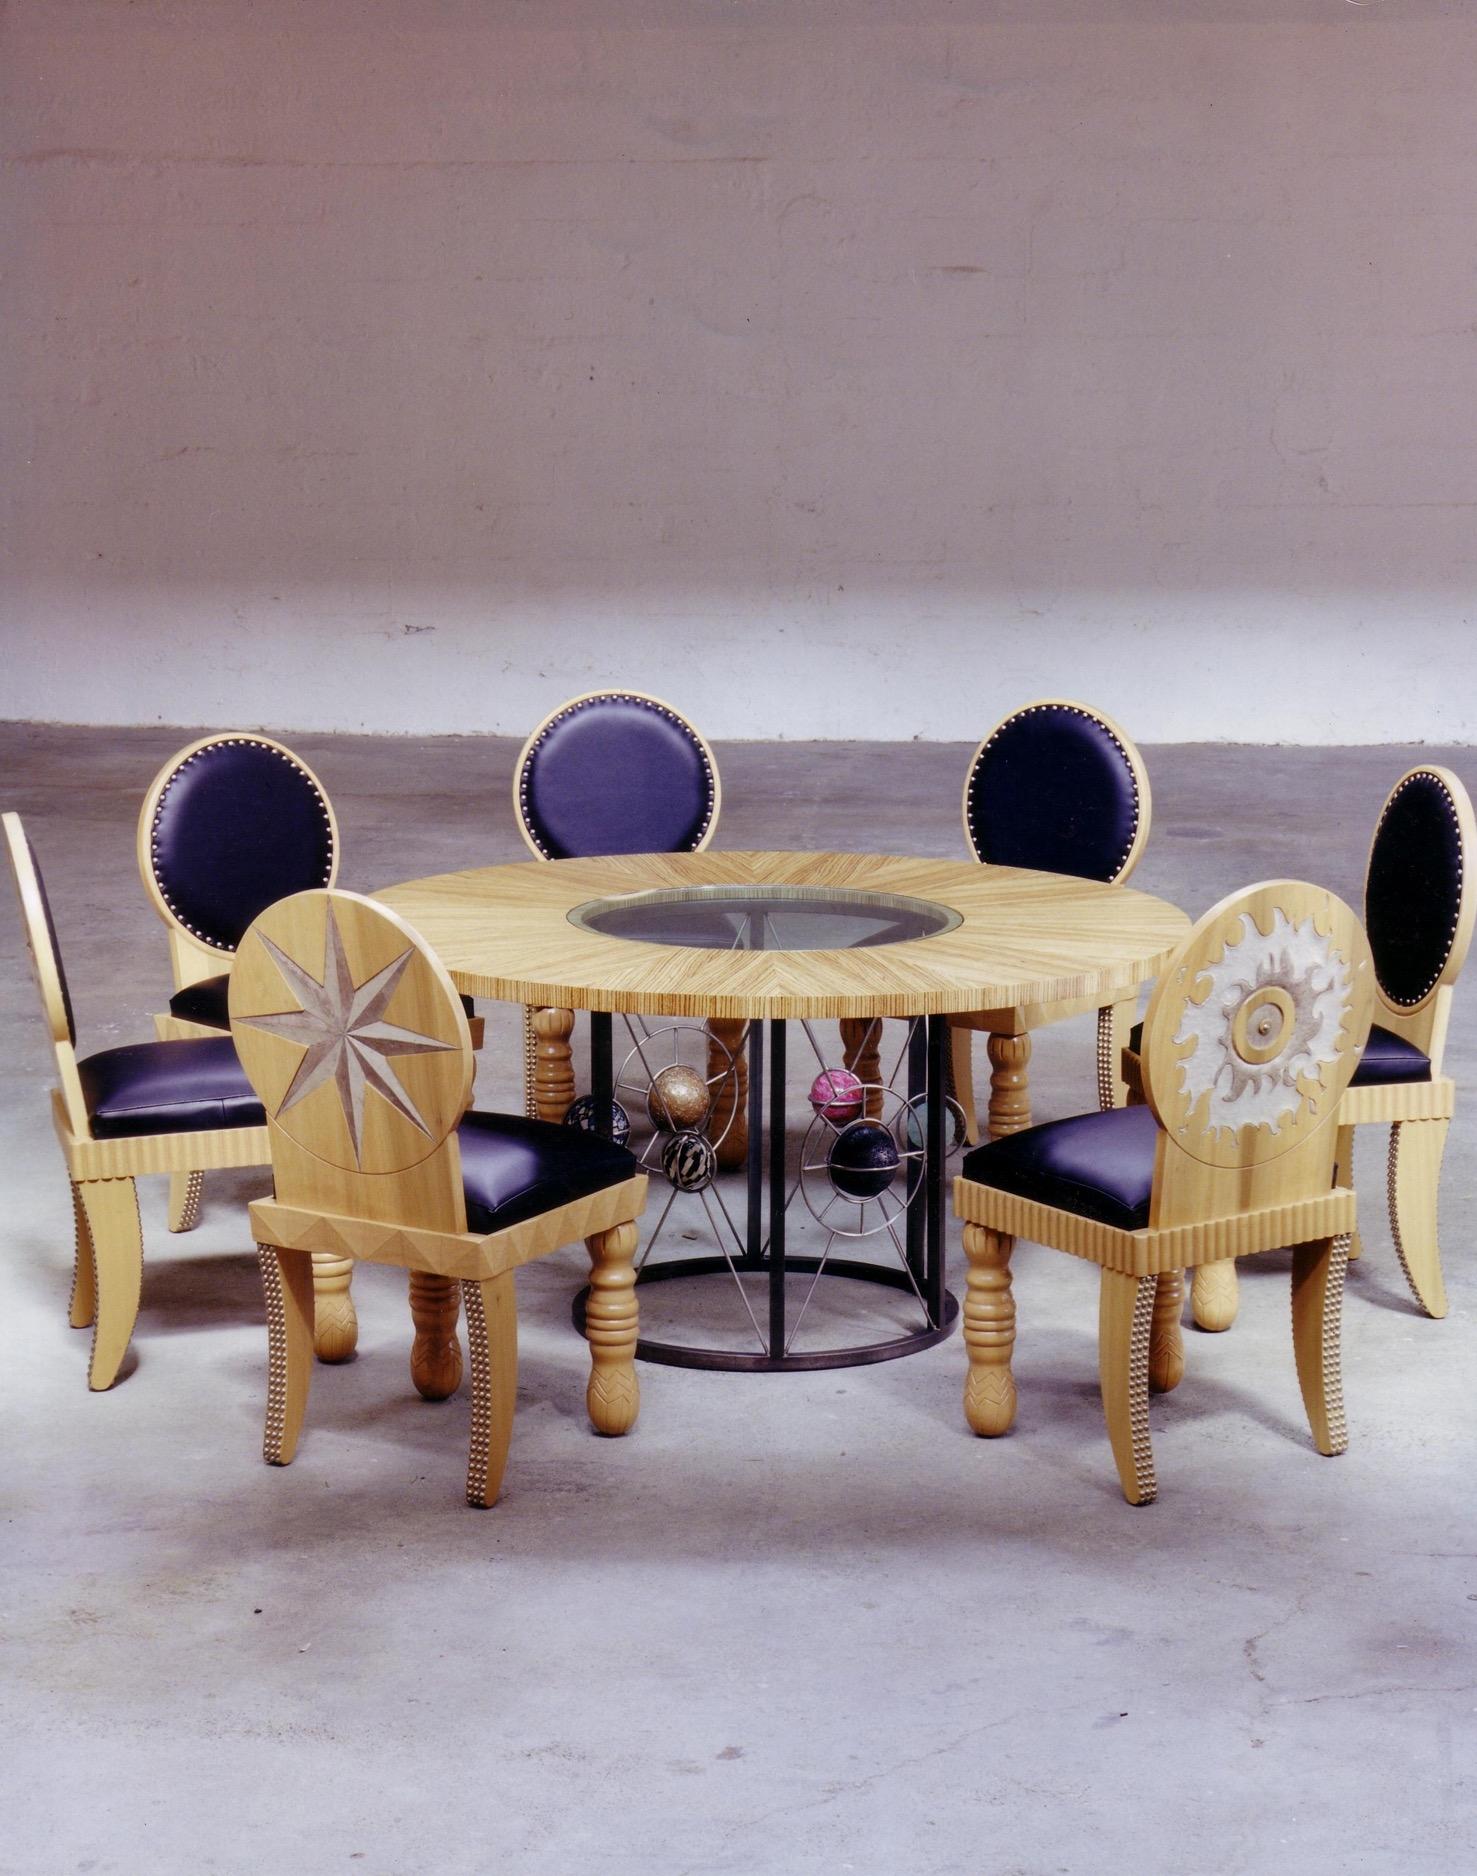 300 dpi_furniture-circle dining.jpg